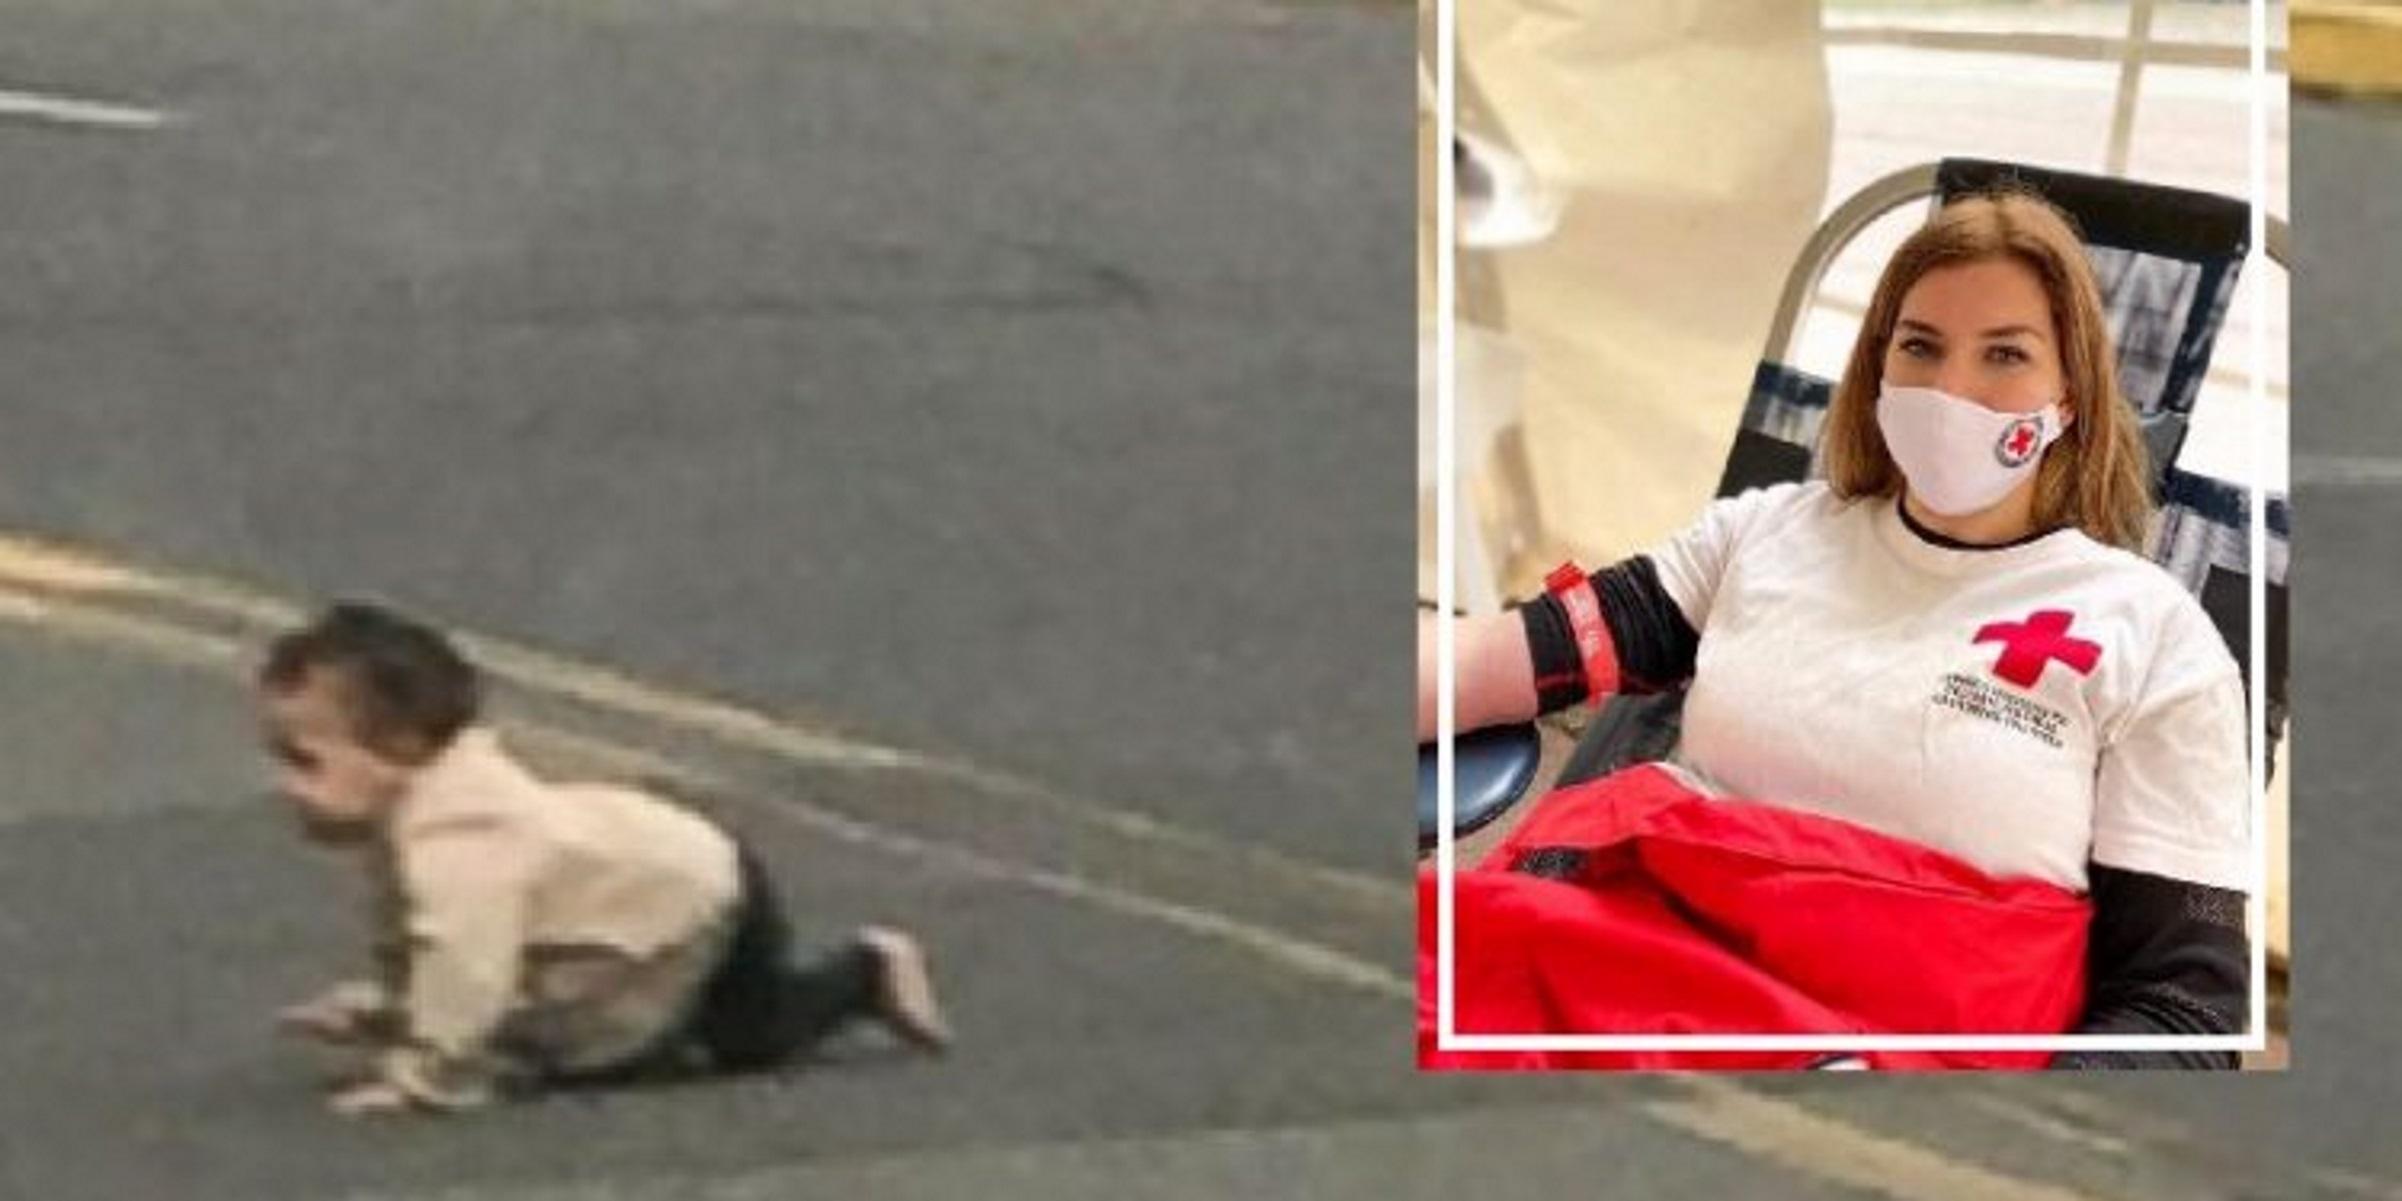 Ελασσόνα: Εθελόντρια του Ερυθρού Σταυρού η γυναίκα που έσωσε το βρέφος που μπουσούλαγε στον δρόμο